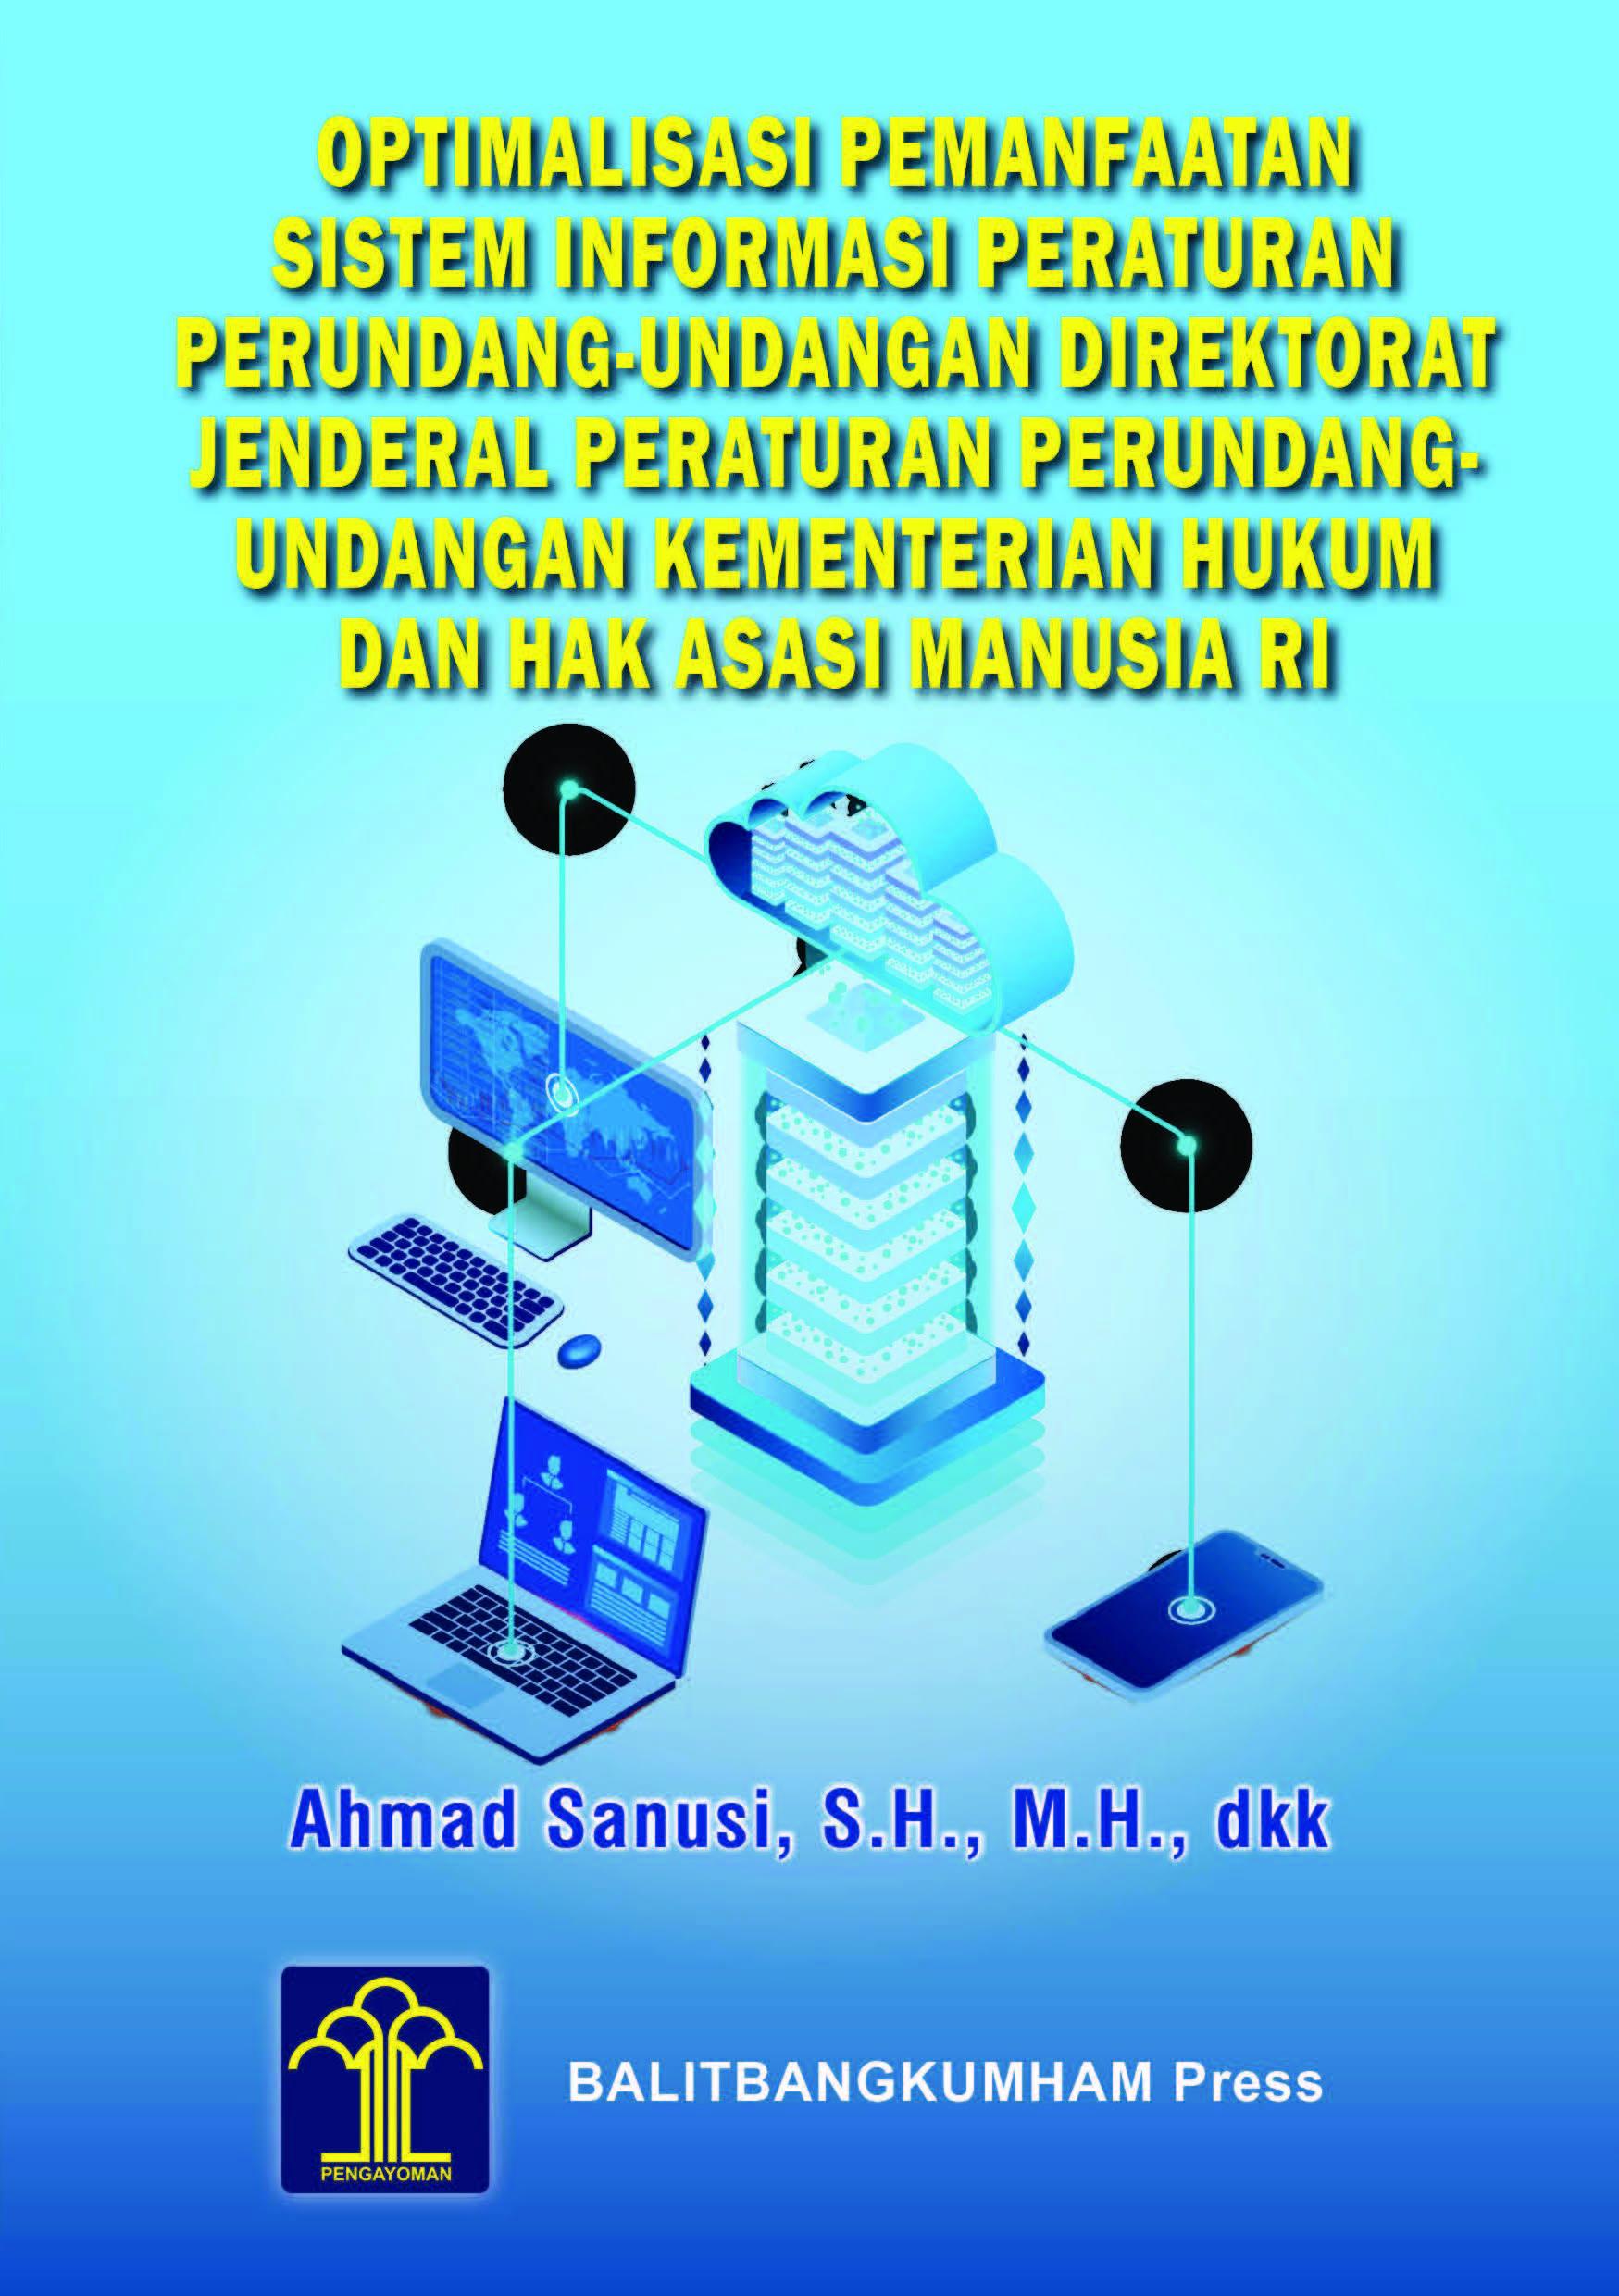 Optimalisasi Pemanfaatan Sistem Informasi Peraturan Perundang-Undangan Direktorat Jenderal Peraturan Perundang-Undangan Kementerian Hukum dan HAM RI